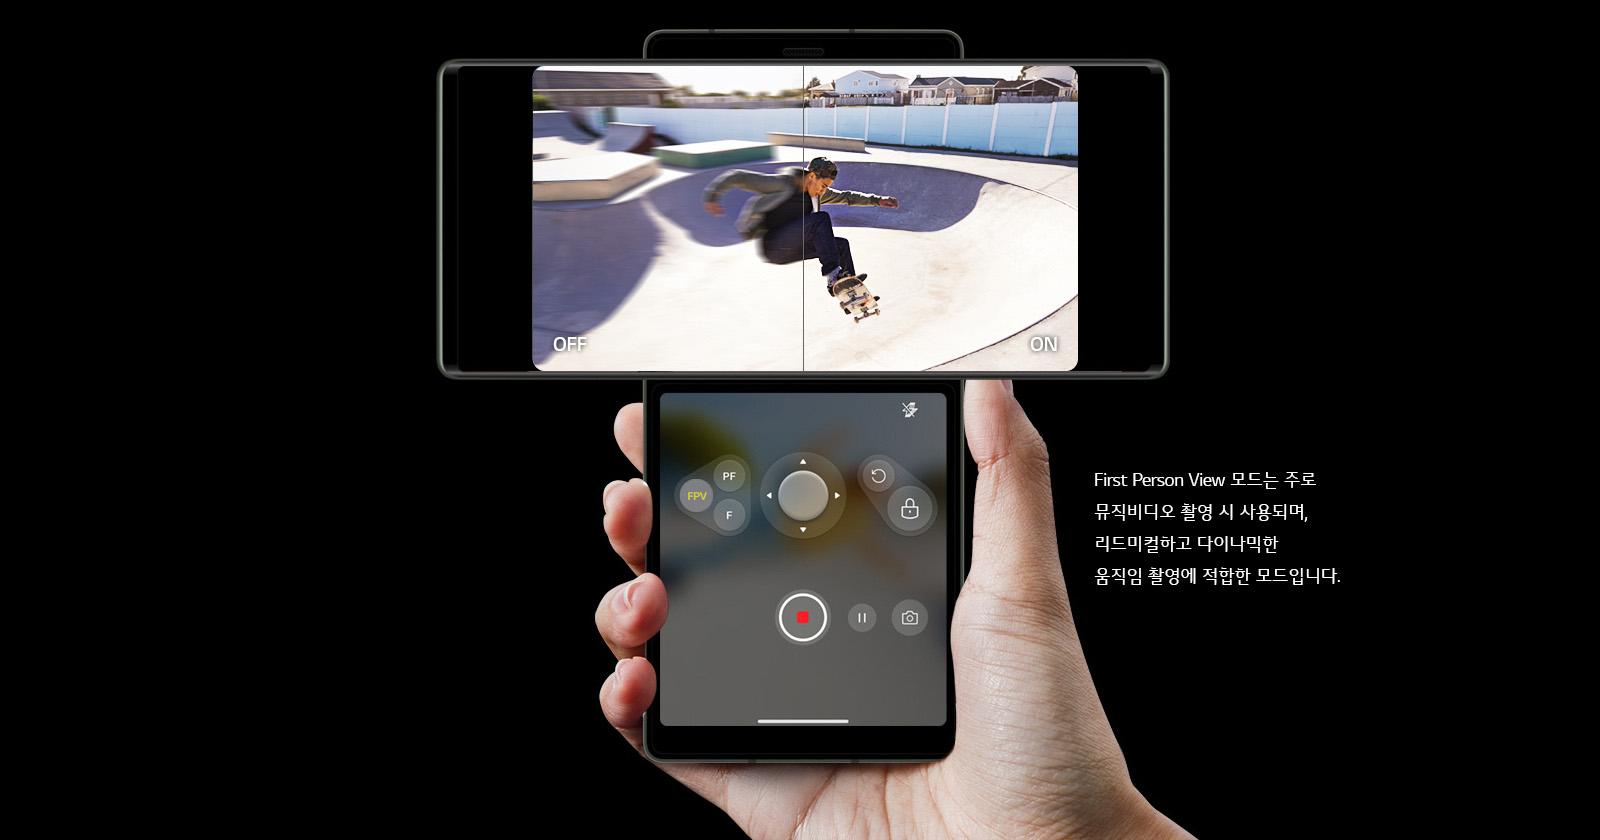 First Person View 모드는 주로 뮤직비디오 촬영 시 사용되며, 리드미컬하고 다이나믹한 움직임 촬영에 적합한 모드입니다.